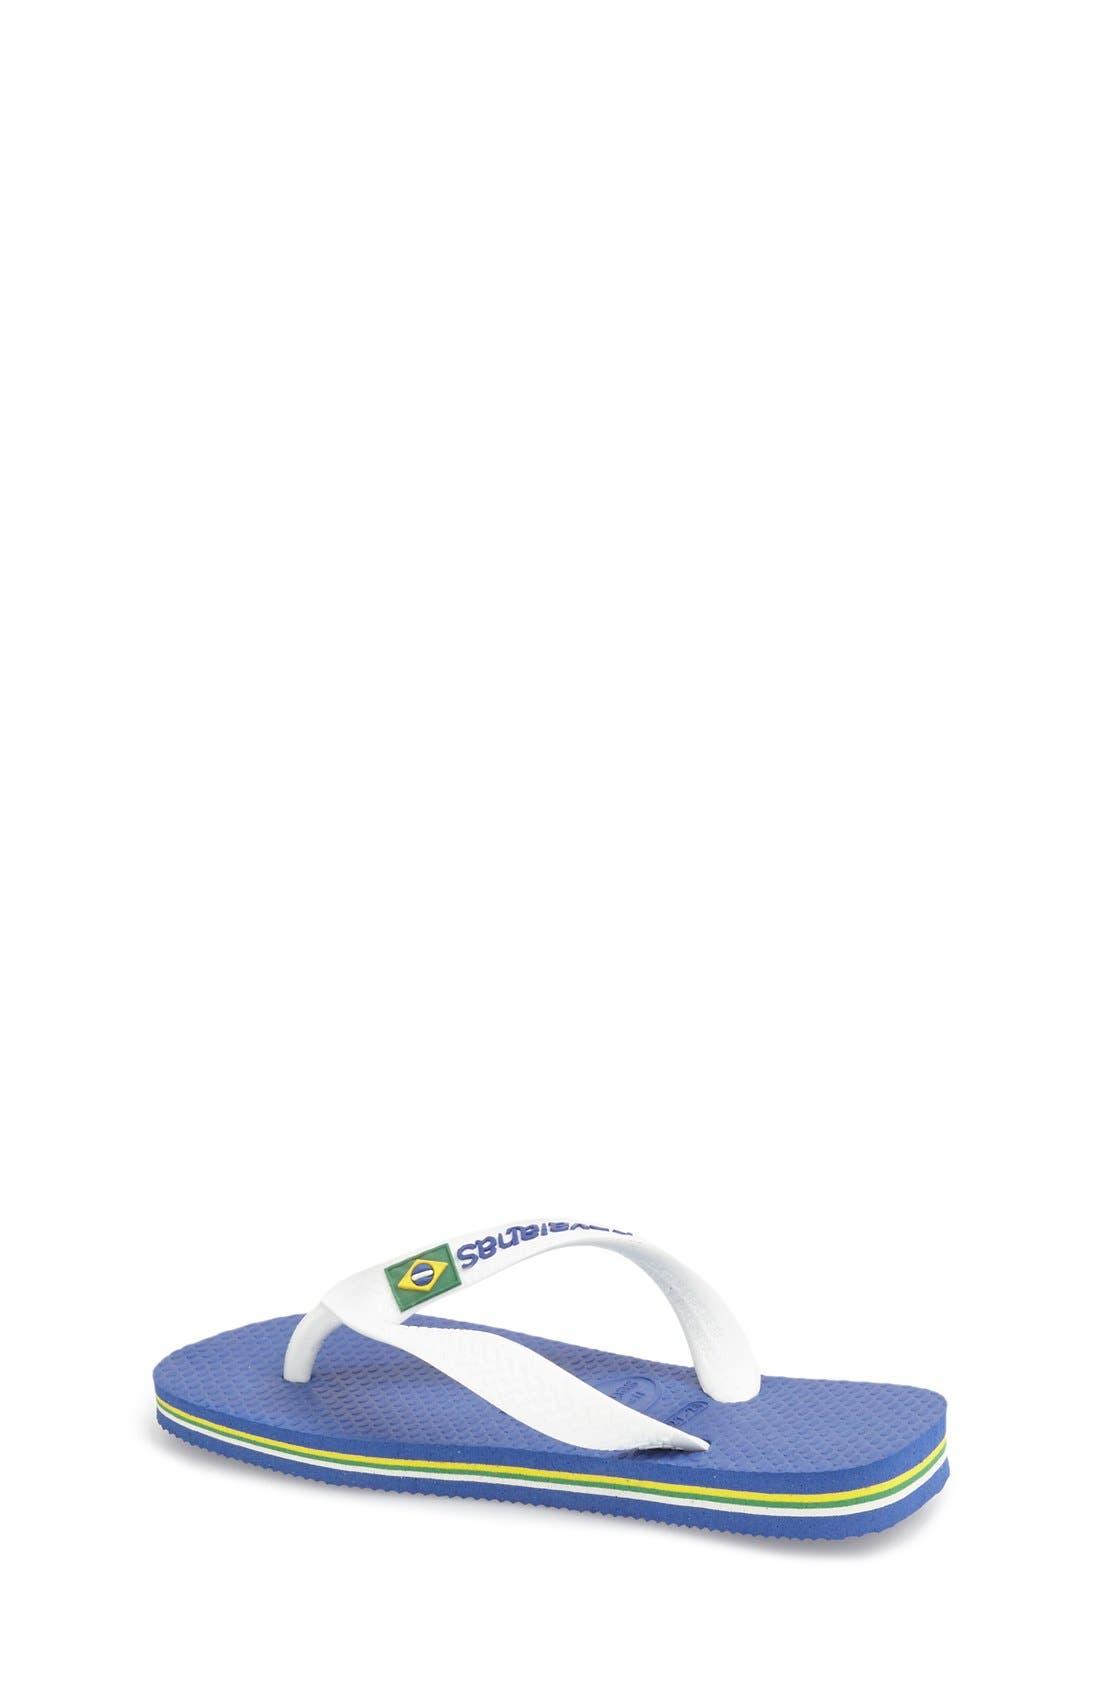 HAVAIANAS, 'Brazil Logo' Flip Flop, Alternate thumbnail 3, color, BLUE